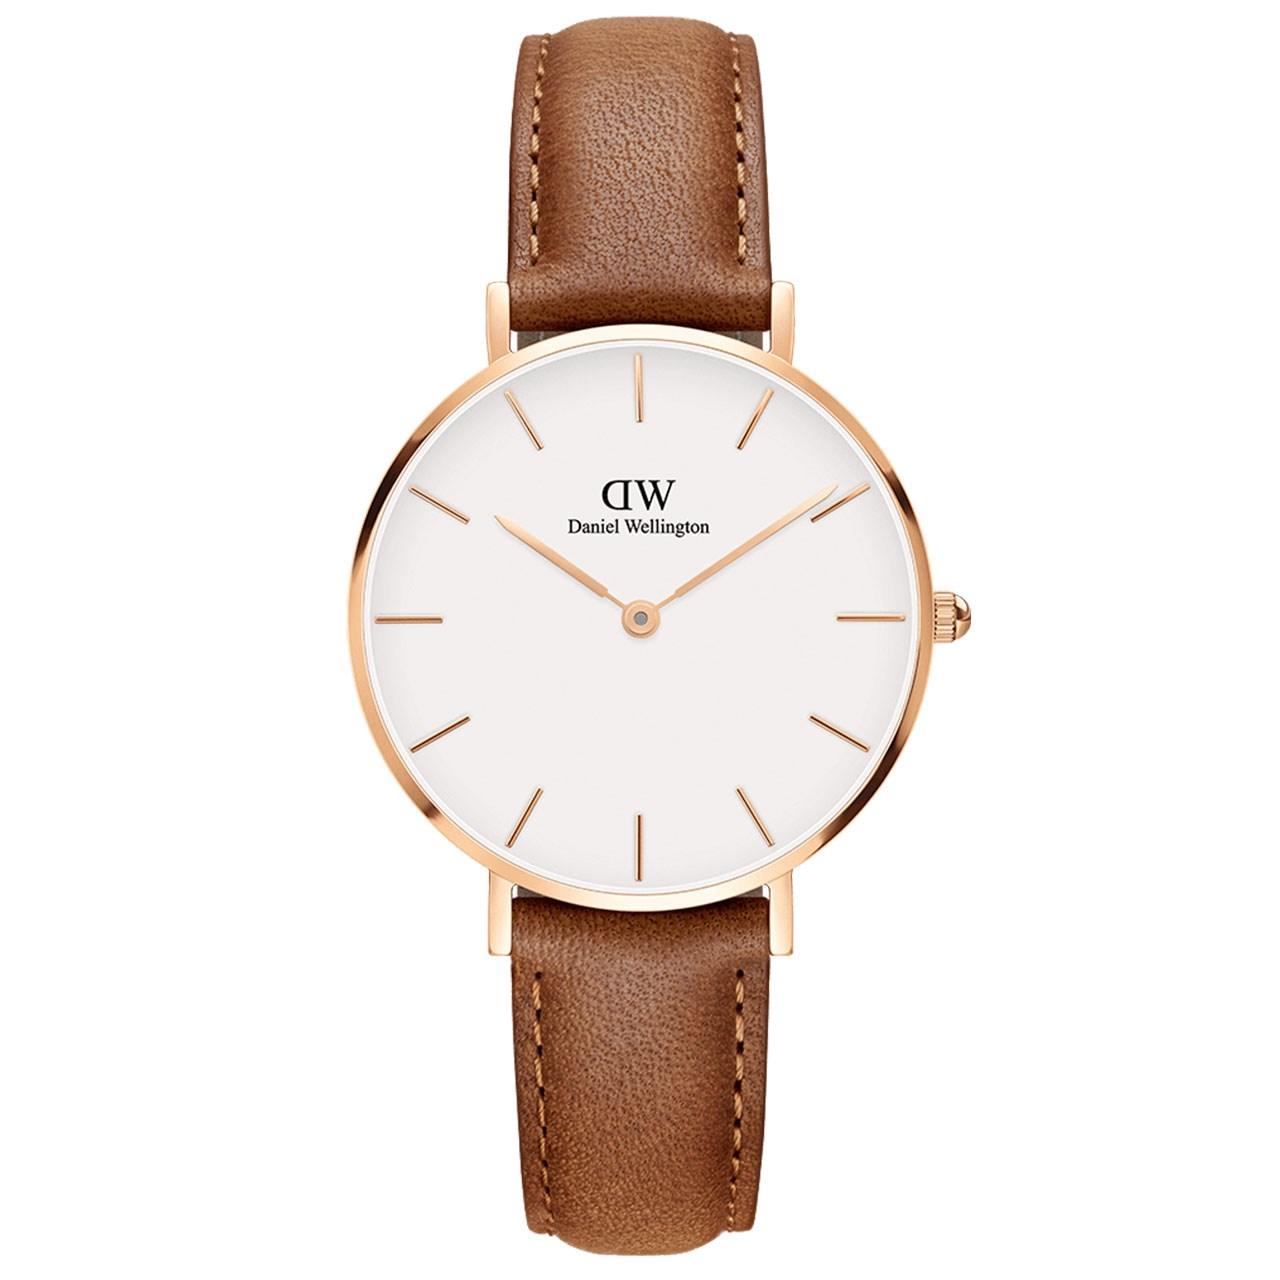 ساعت مچی عقربه ای زنانه دنیل ولینگتون مدل DW00100172              خرید (⭐️⭐️⭐️)